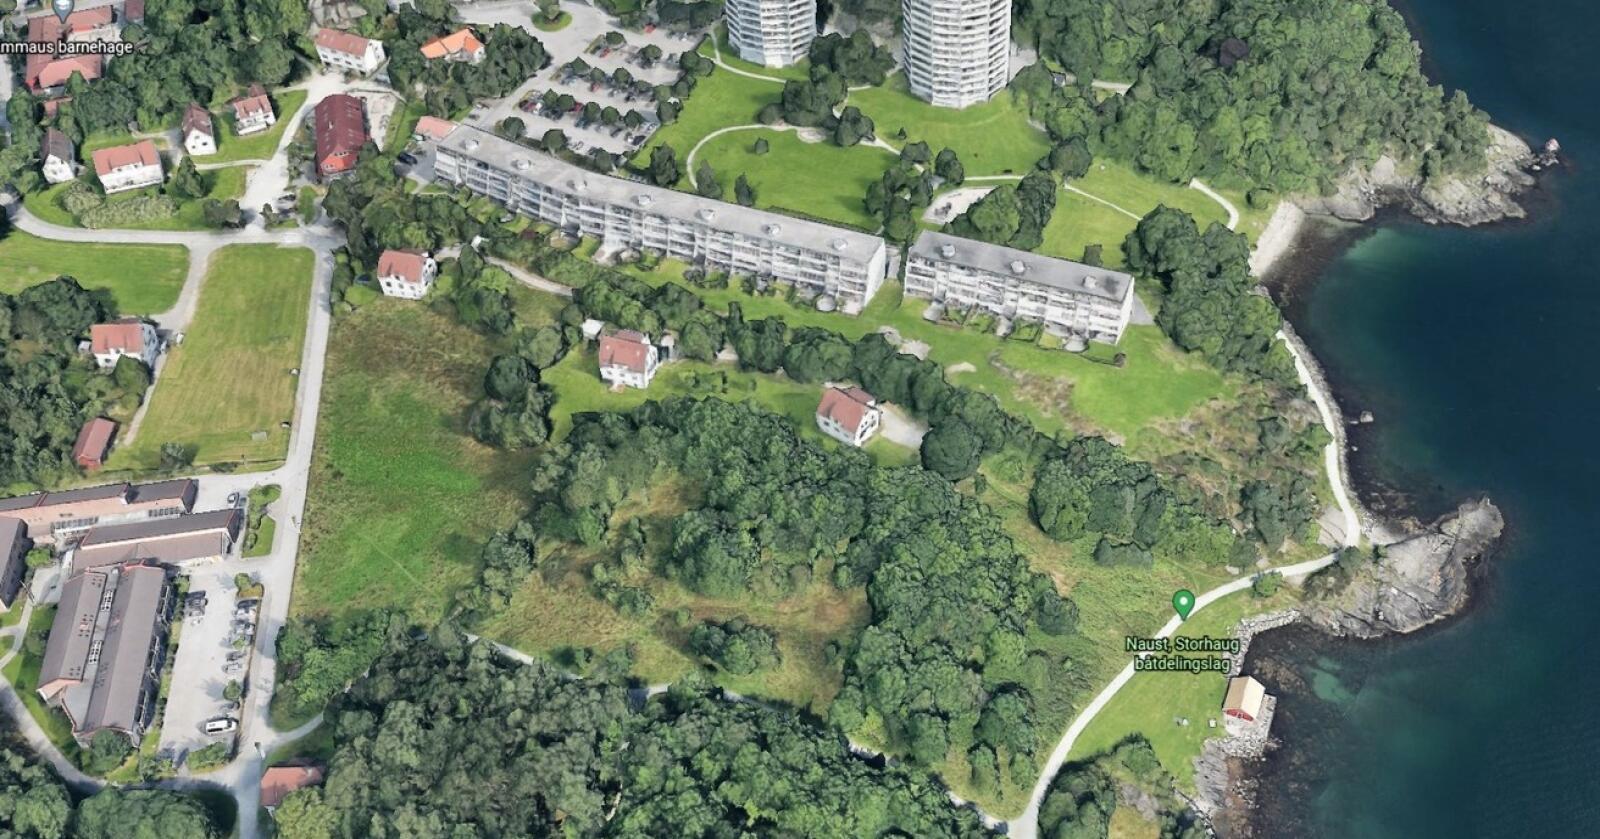 Byjord: På Storhaug aust i Stavanger ligg eit dels gjengrodd friområde som kommunen har eigd sidan 80-talet. I statistikken står det oppført som nær 15 dekar jordbruksjord. Landbrukssjefen seier driveplikta ikkje kan praktiserast på slike grøntareal midt i byen. Han ber om at systemet blir endra. Foto: Google Earth